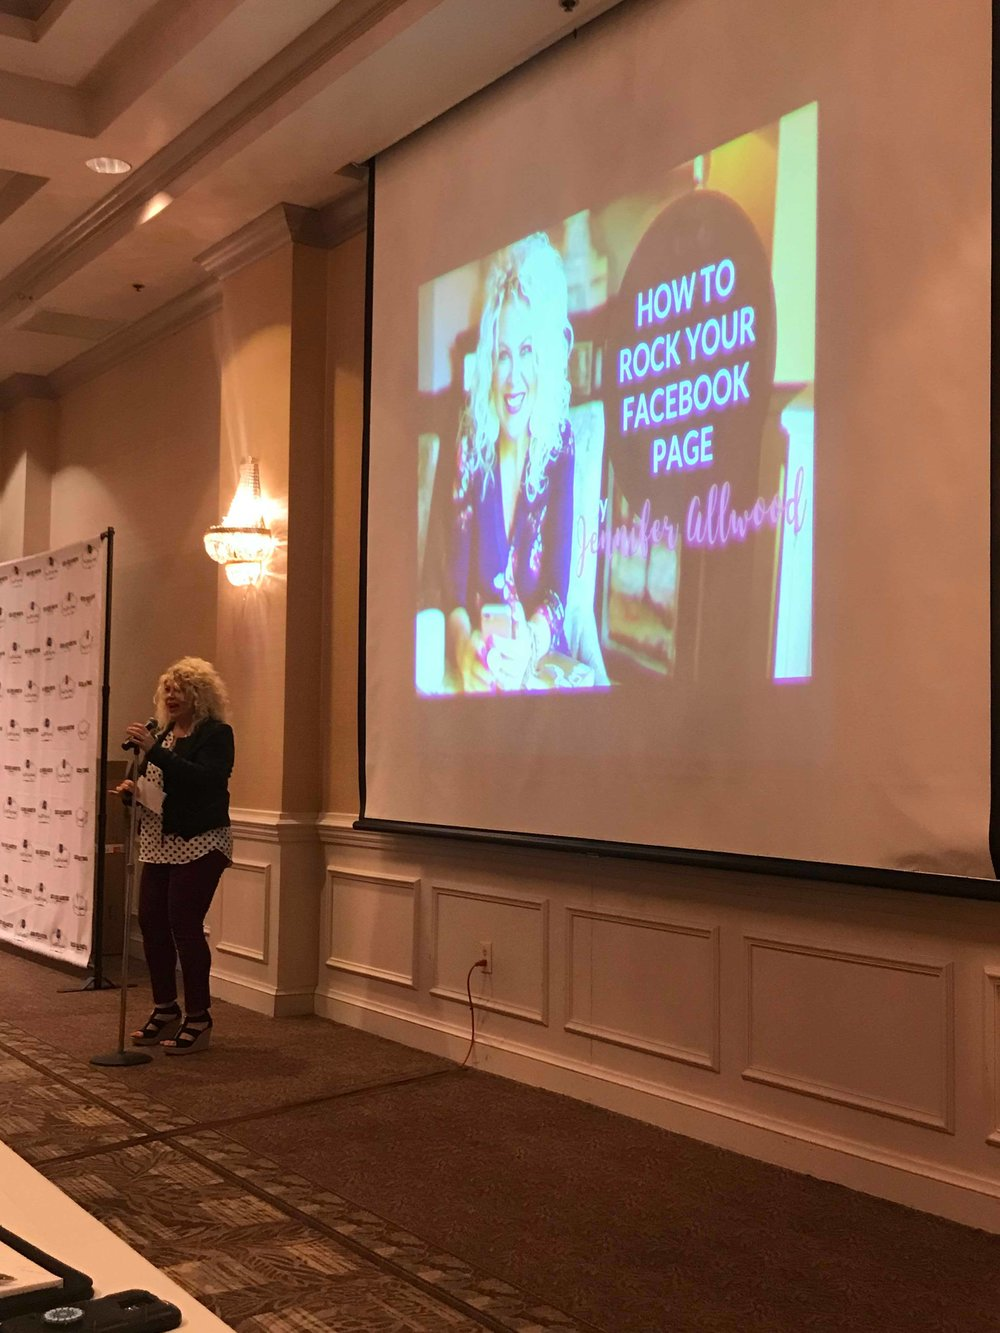 Social Media Marketing Jennifer Allwood 2.jpg